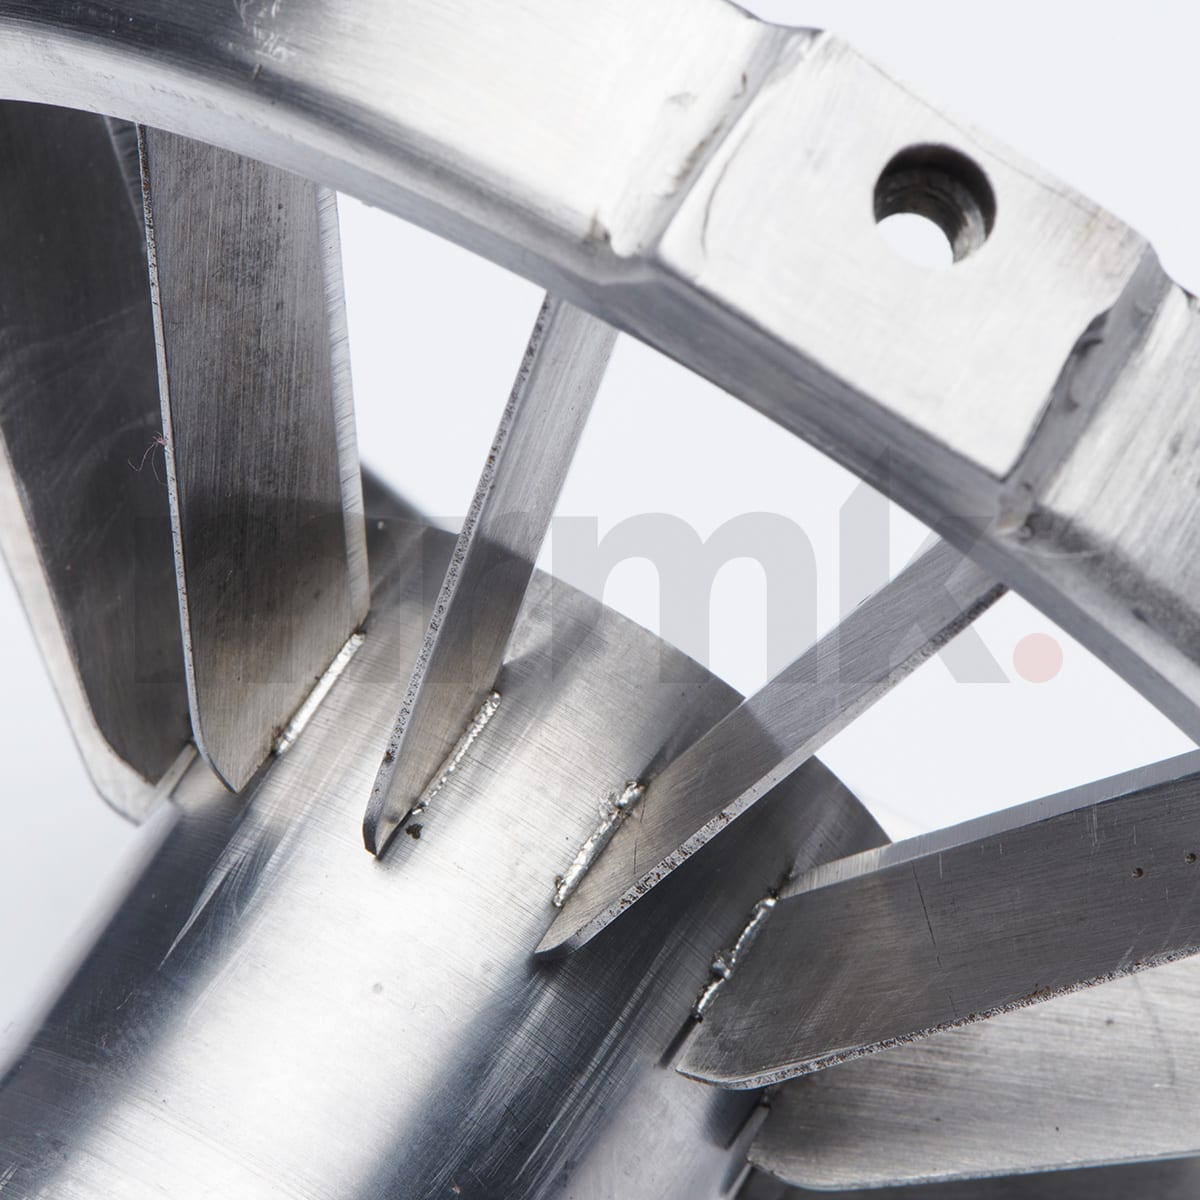 Kronen Segmenter Blade Detail 1